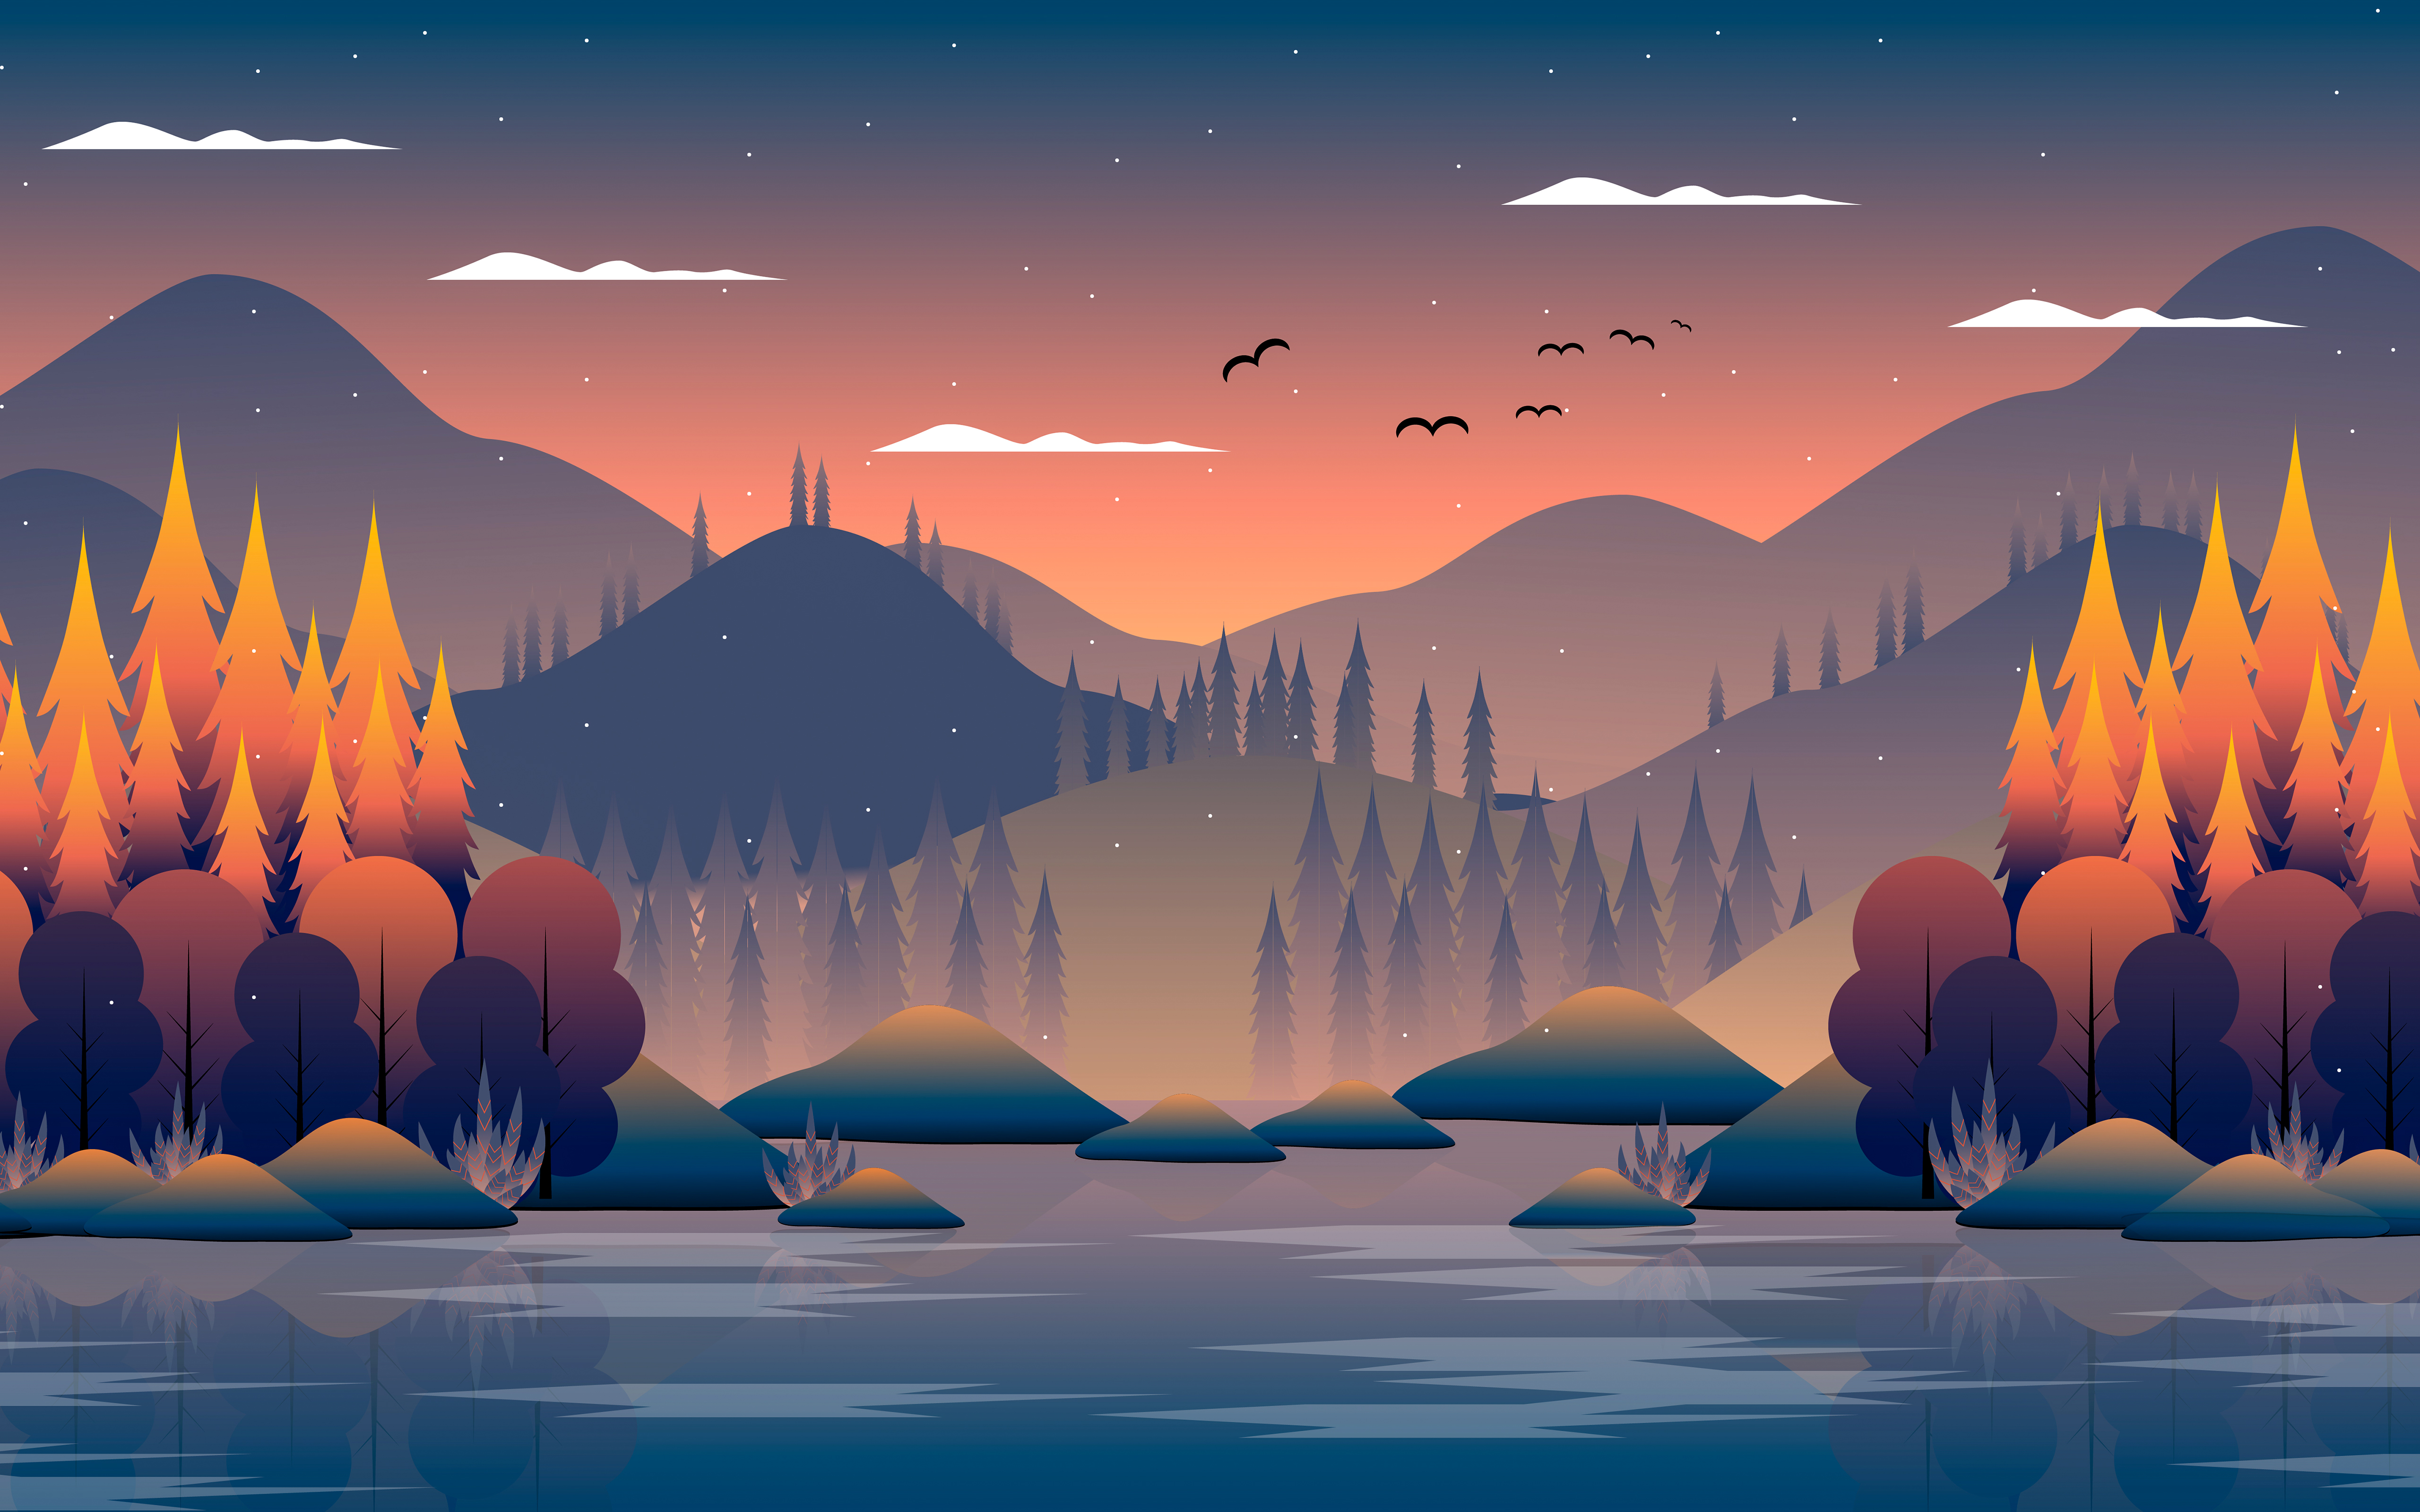 mountains birds tree minimal 4k 1618131711 - Mountains Birds Tree Minimal 4k - Mountains Birds Tree Minimal 4k wallpapers